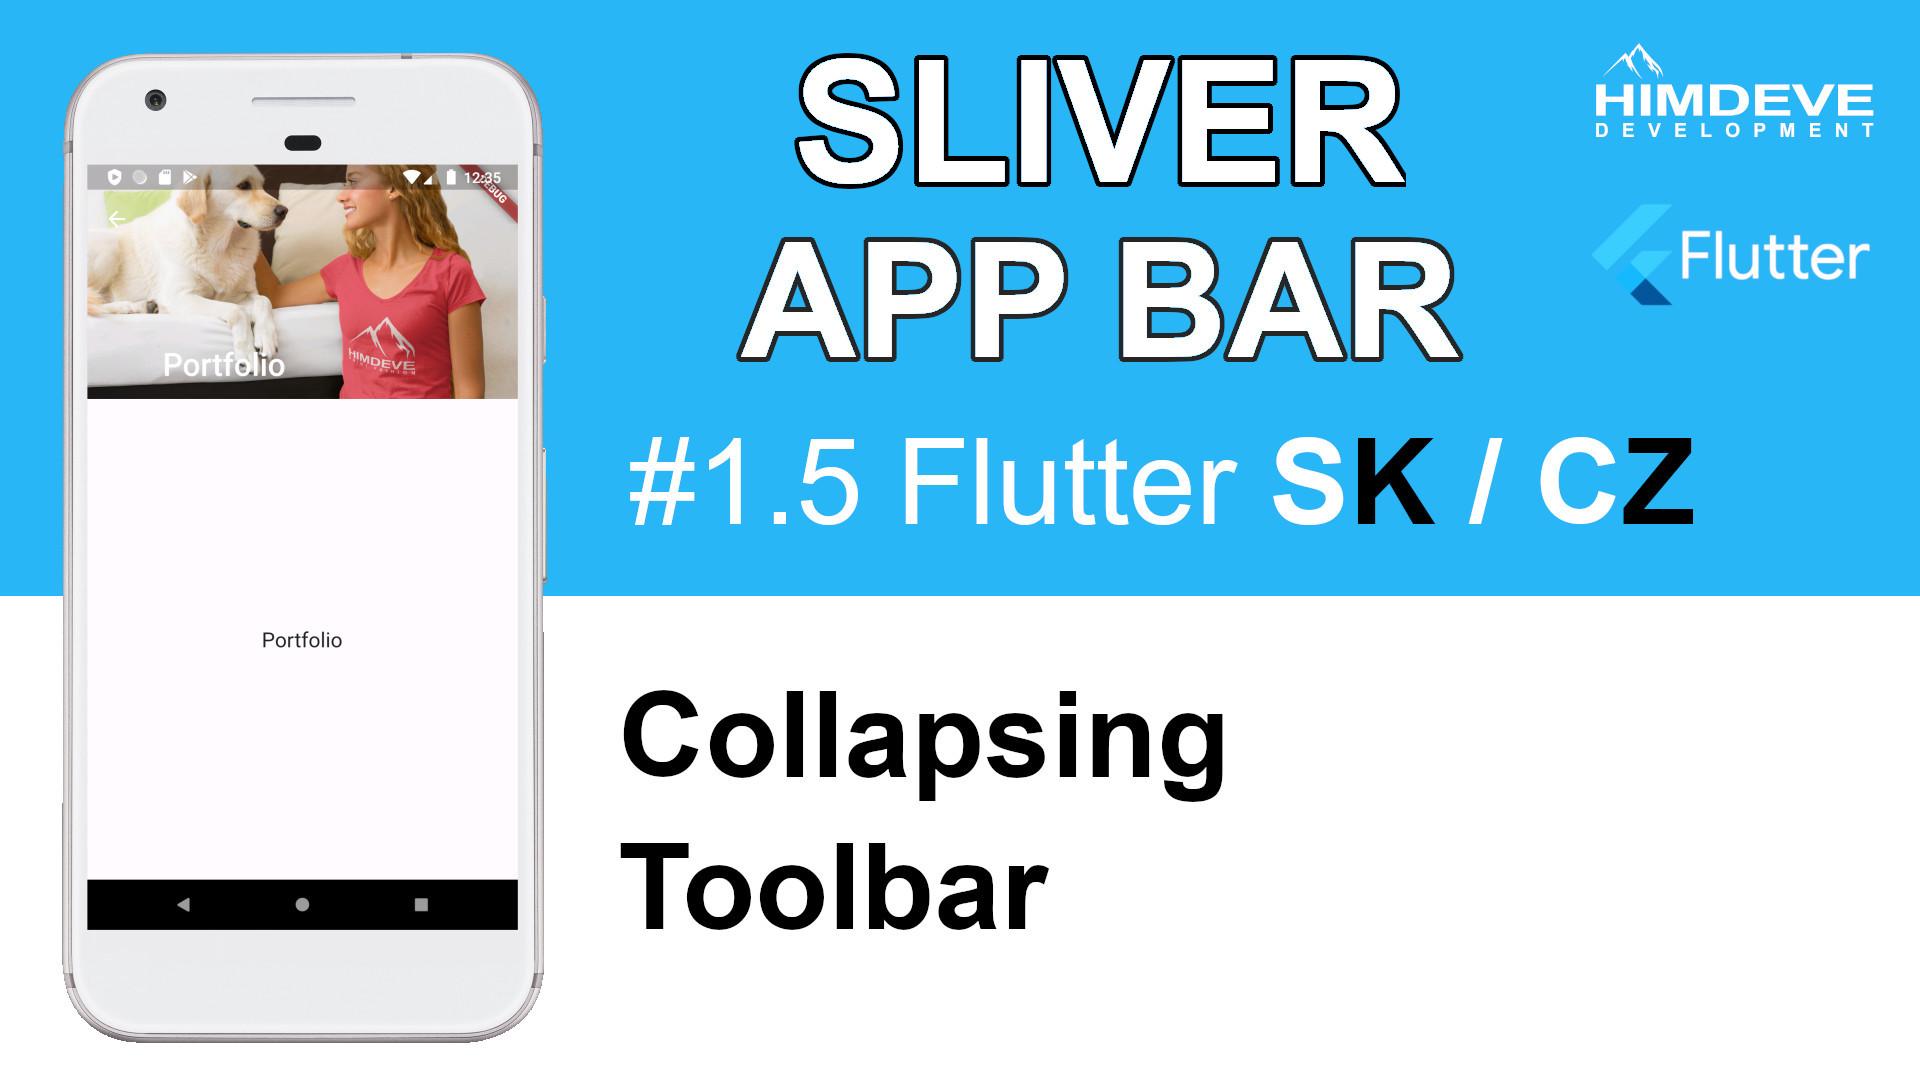 #1_5 Sliver App Bar Flutter SK / CZ tutorialy